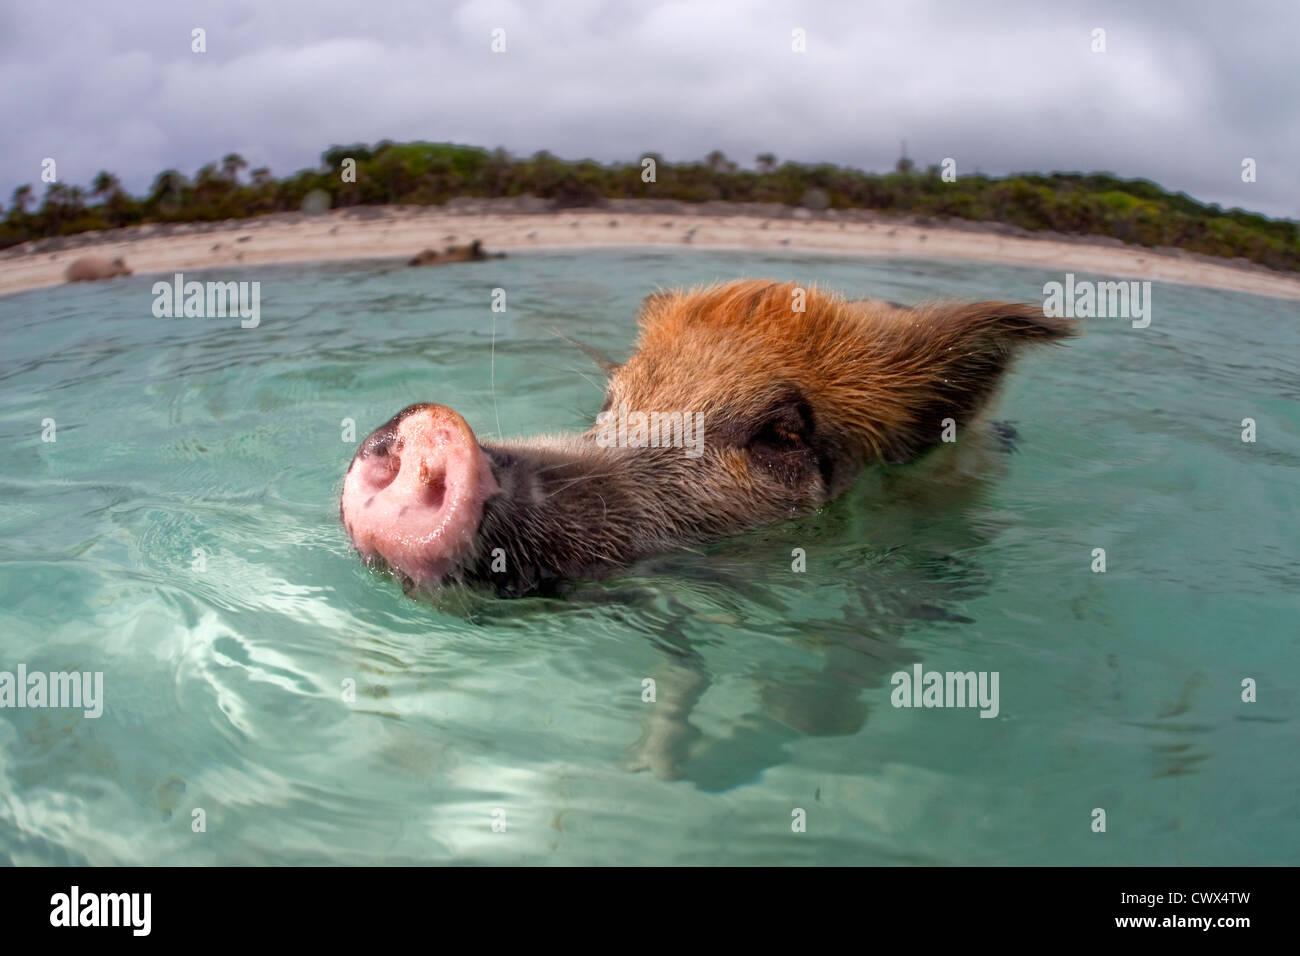 Un maiale selvatico nuota fino ad una barca piena di turisti a Staniel Cay nelle Bahamas. Immagini Stock